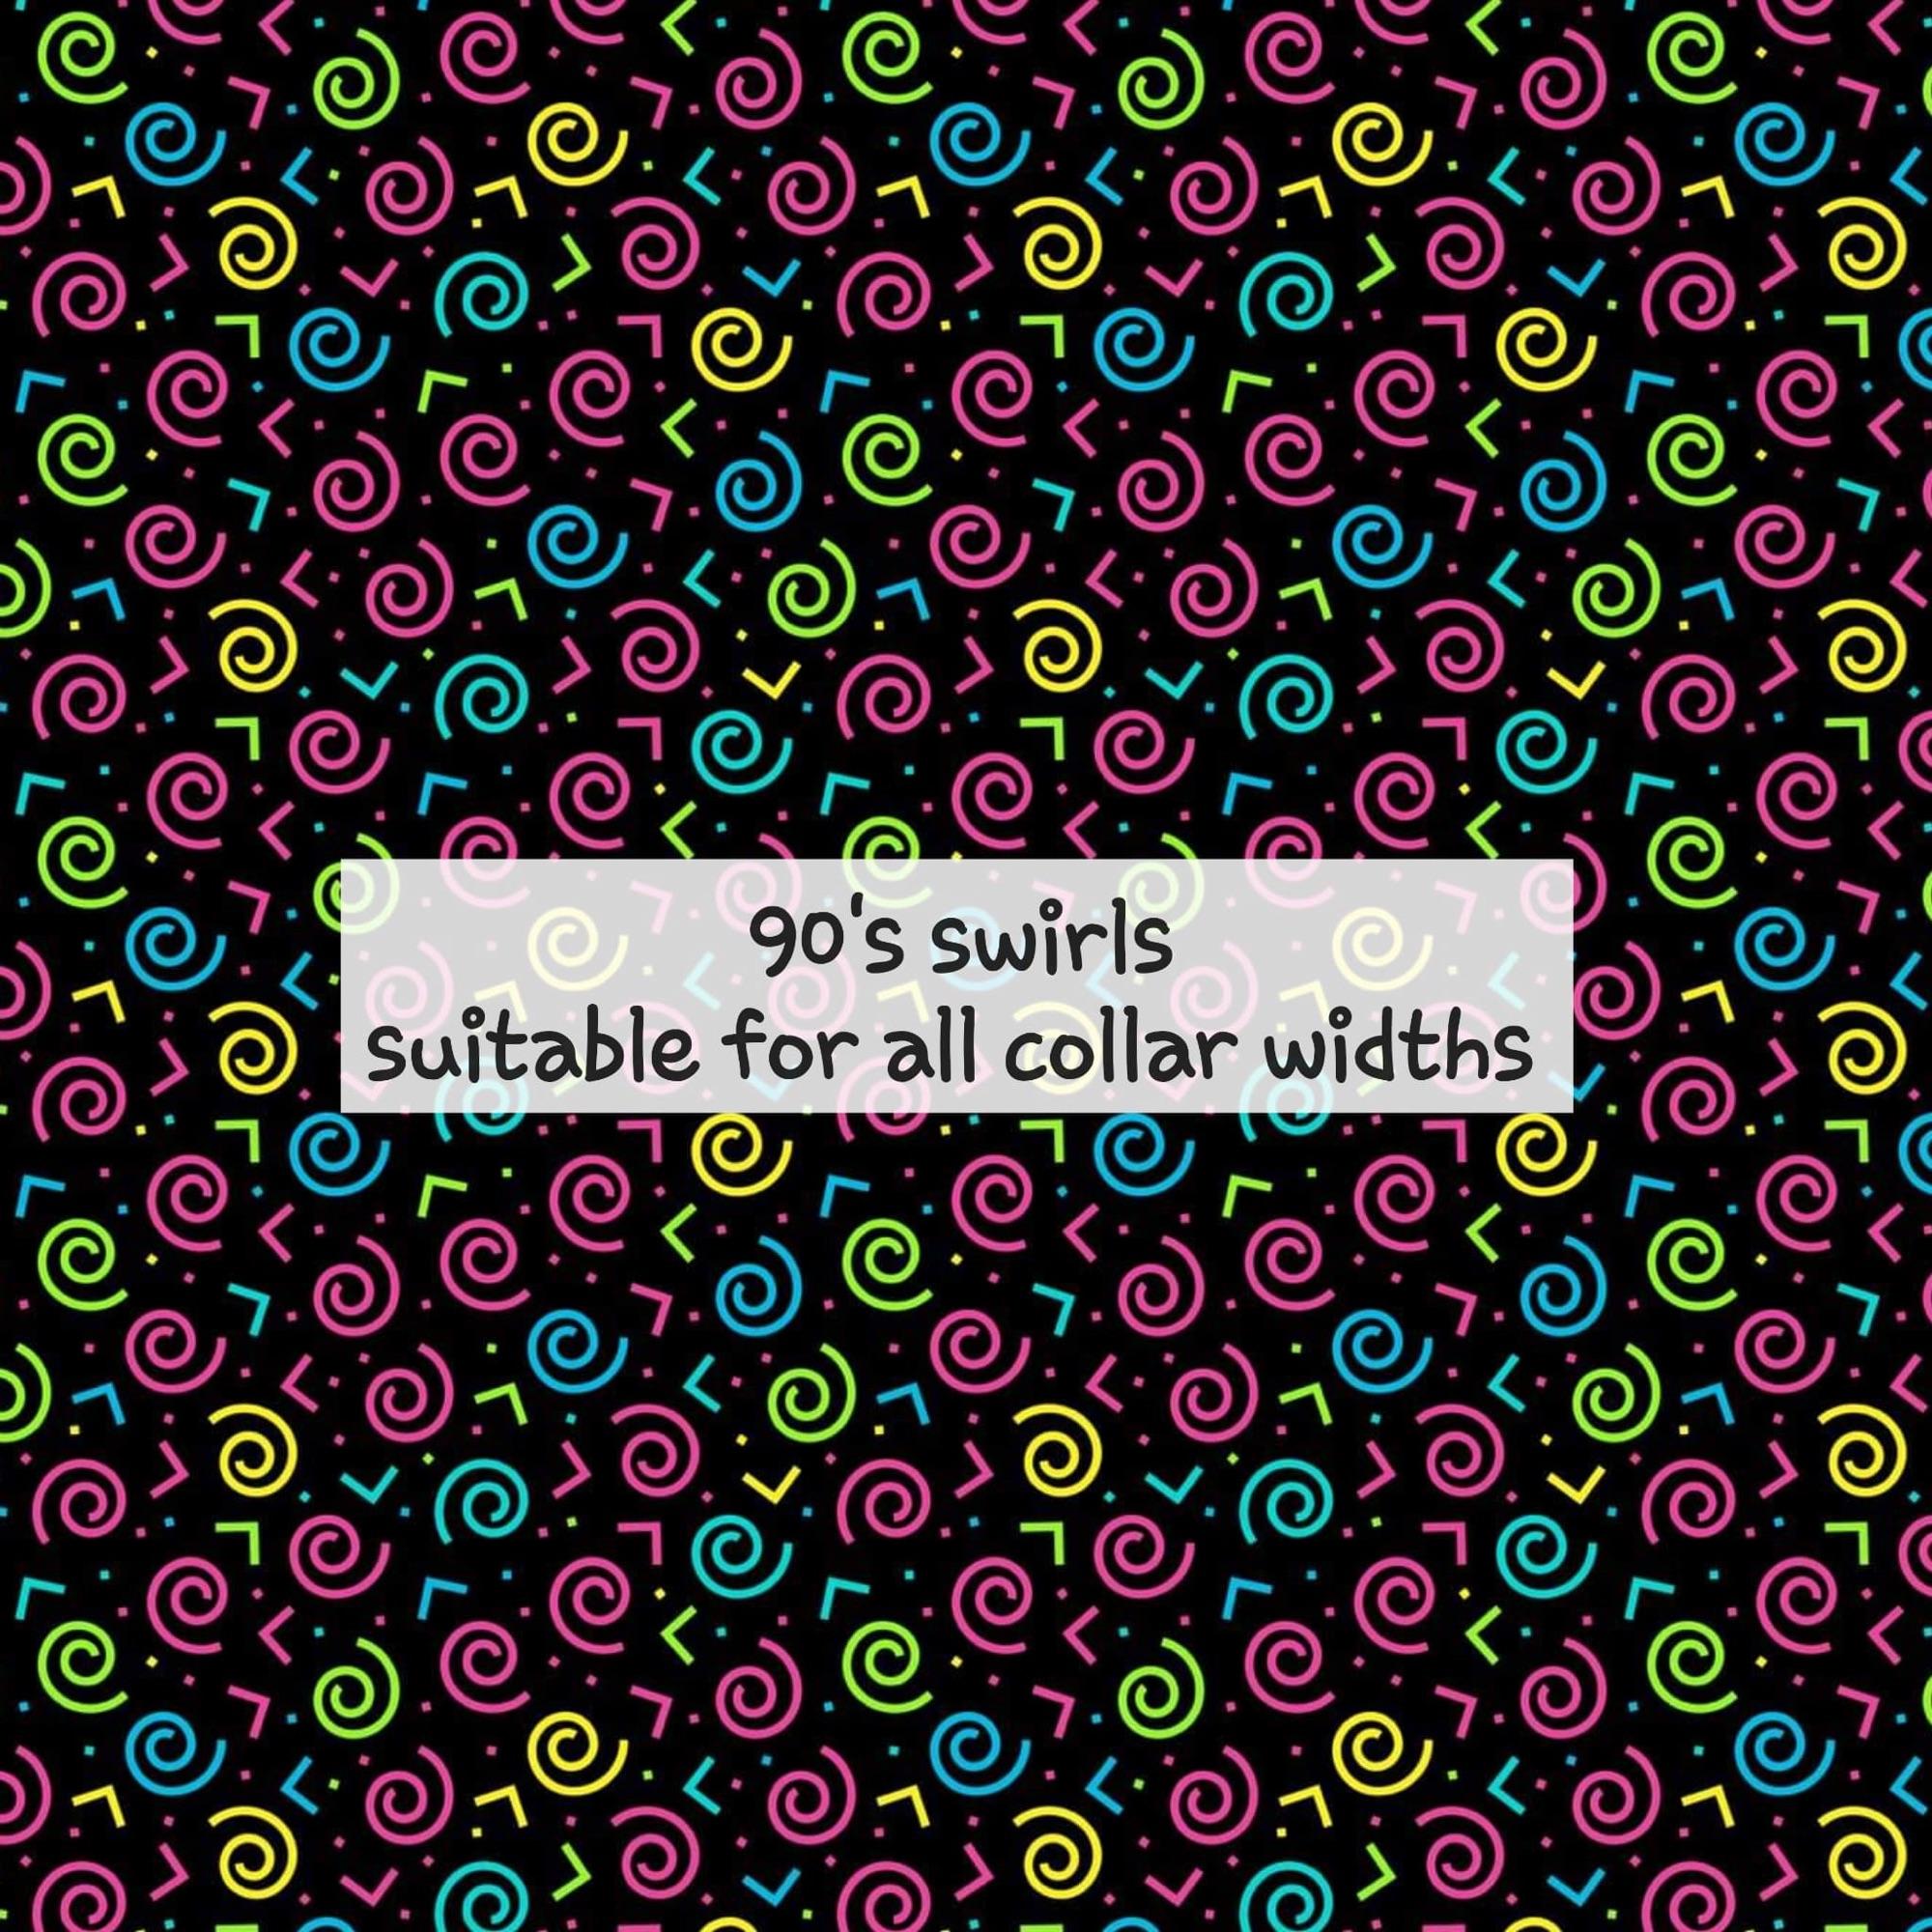 90's swirls